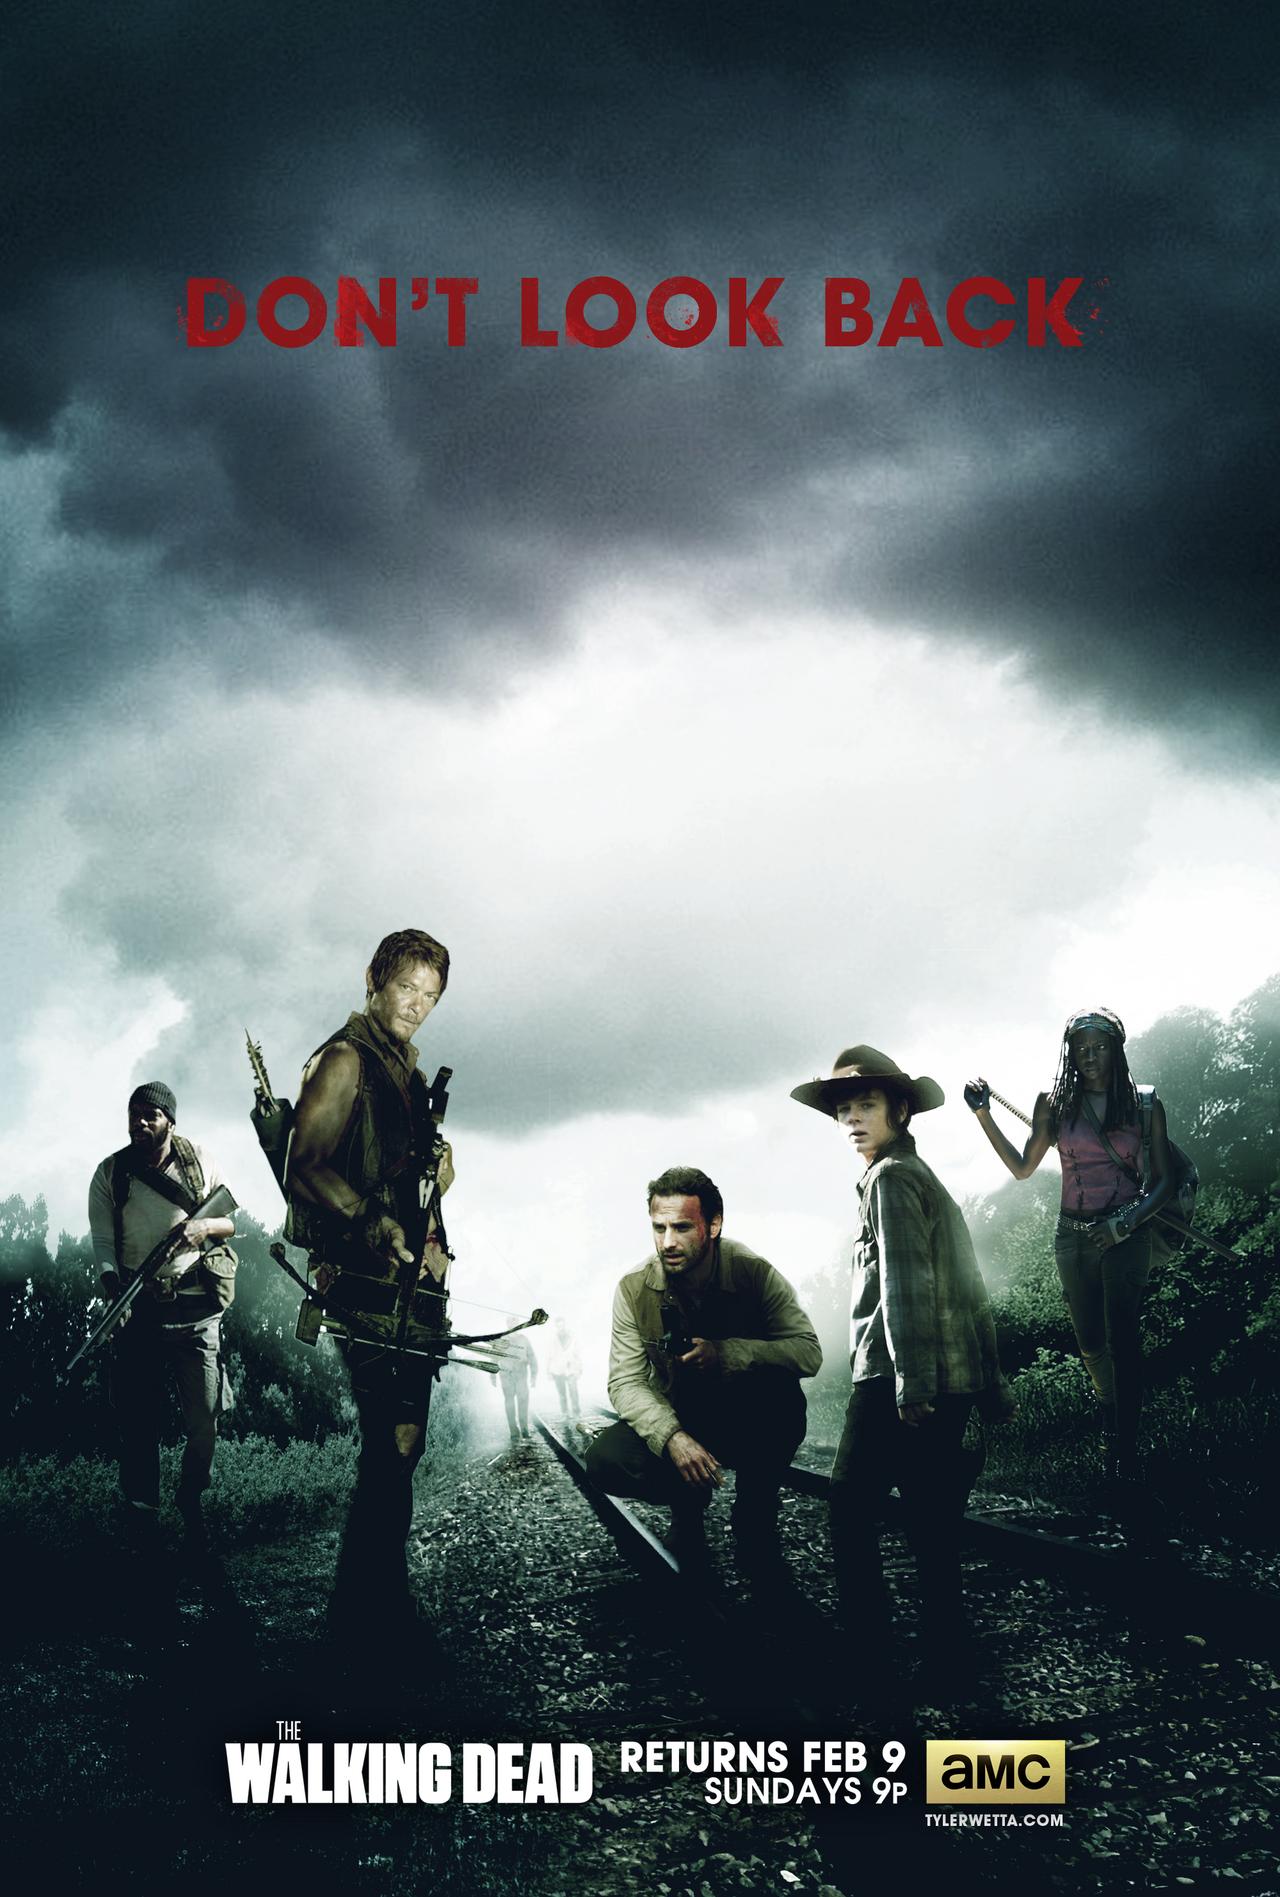 The Walking Dead Poster - Season 4 by tyler-wetta on ...